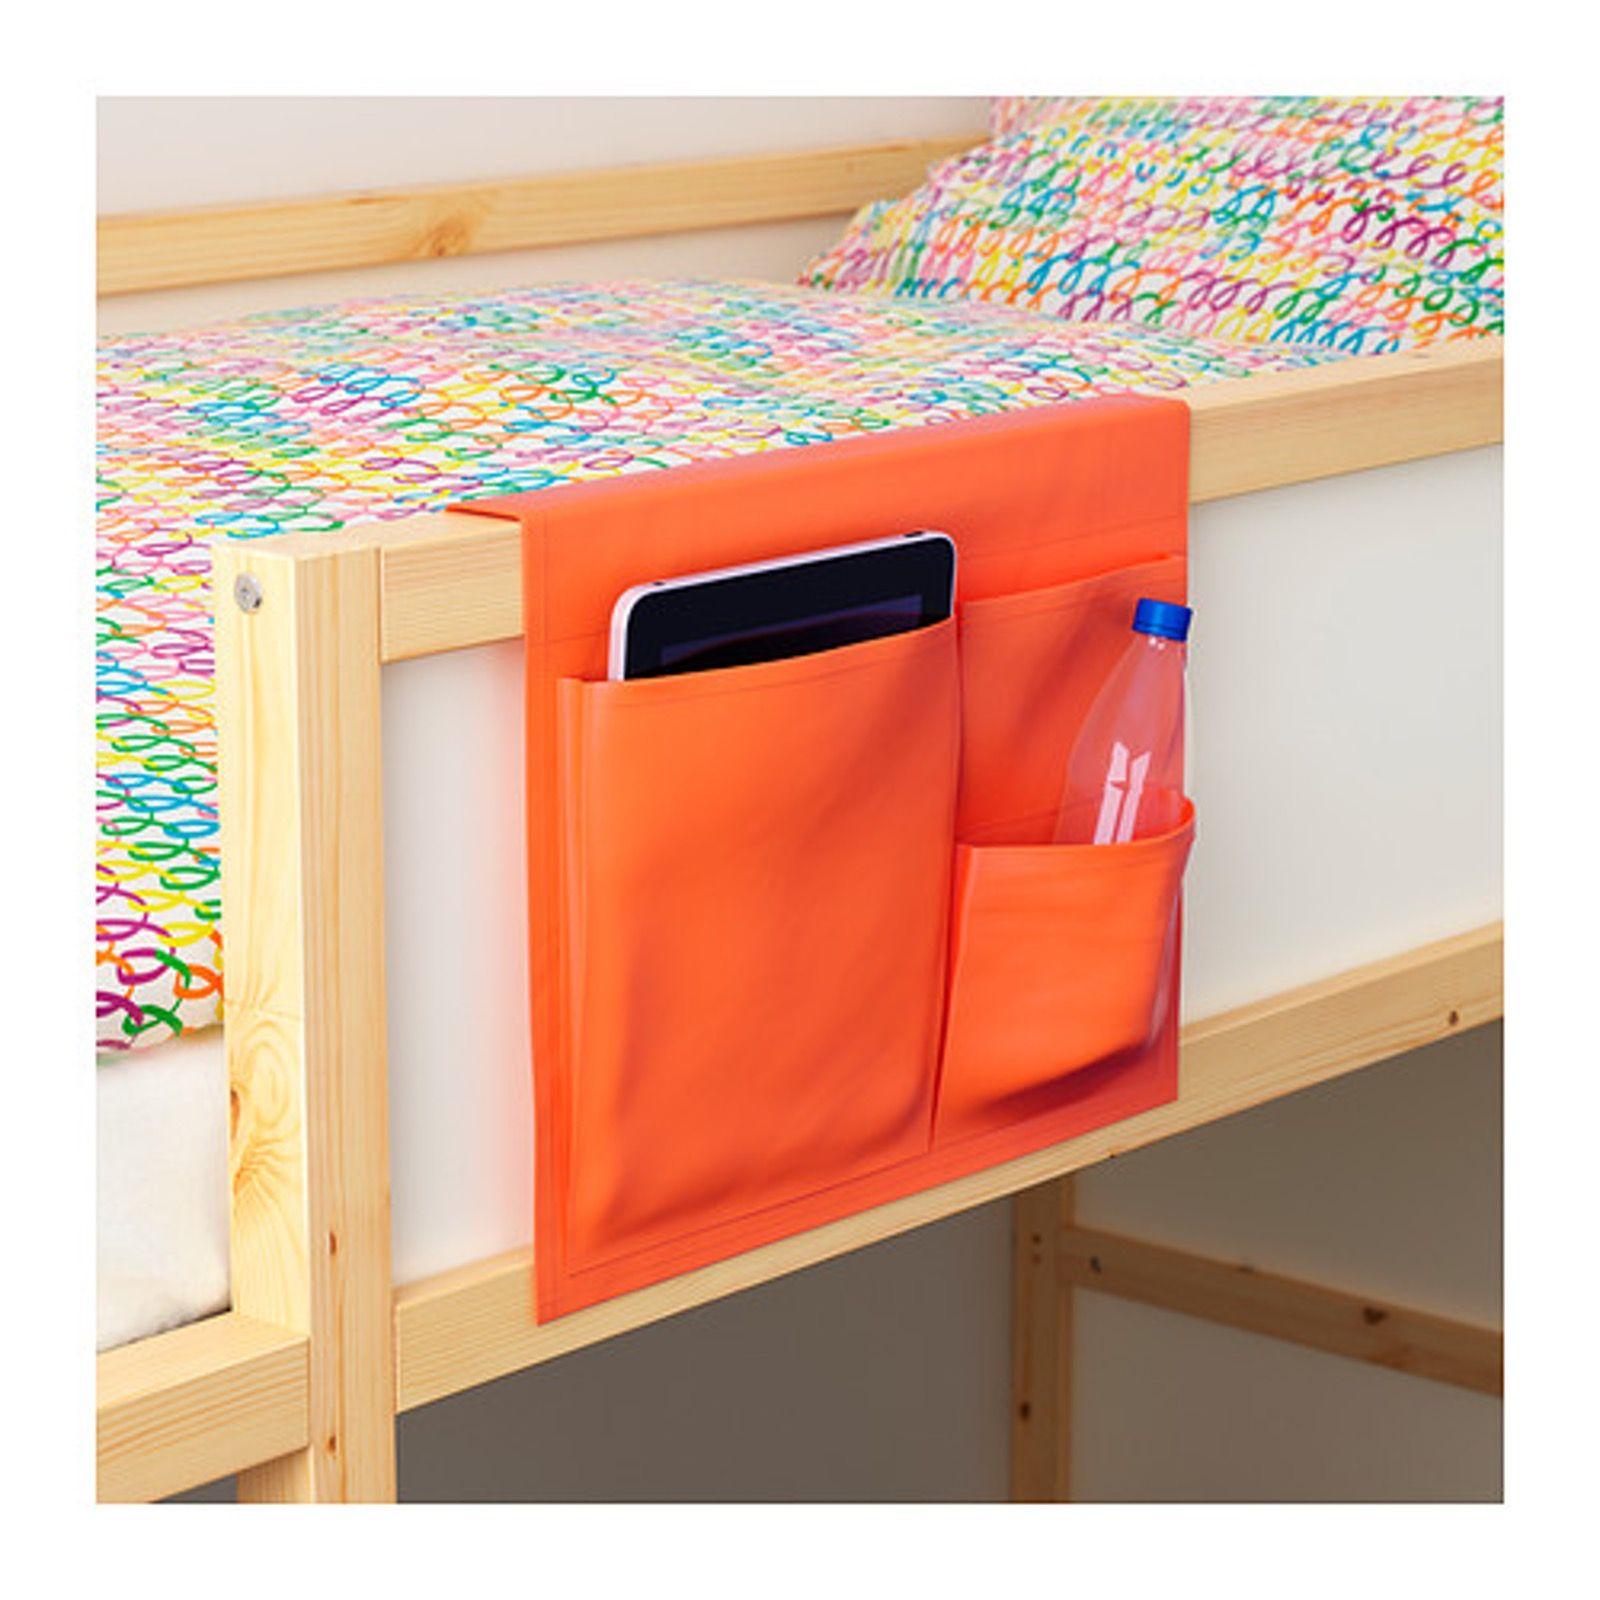 Chambres IkeaDes Nouveautés Les 2019 Déco En D'enfants Pour Lc54RSq3Aj